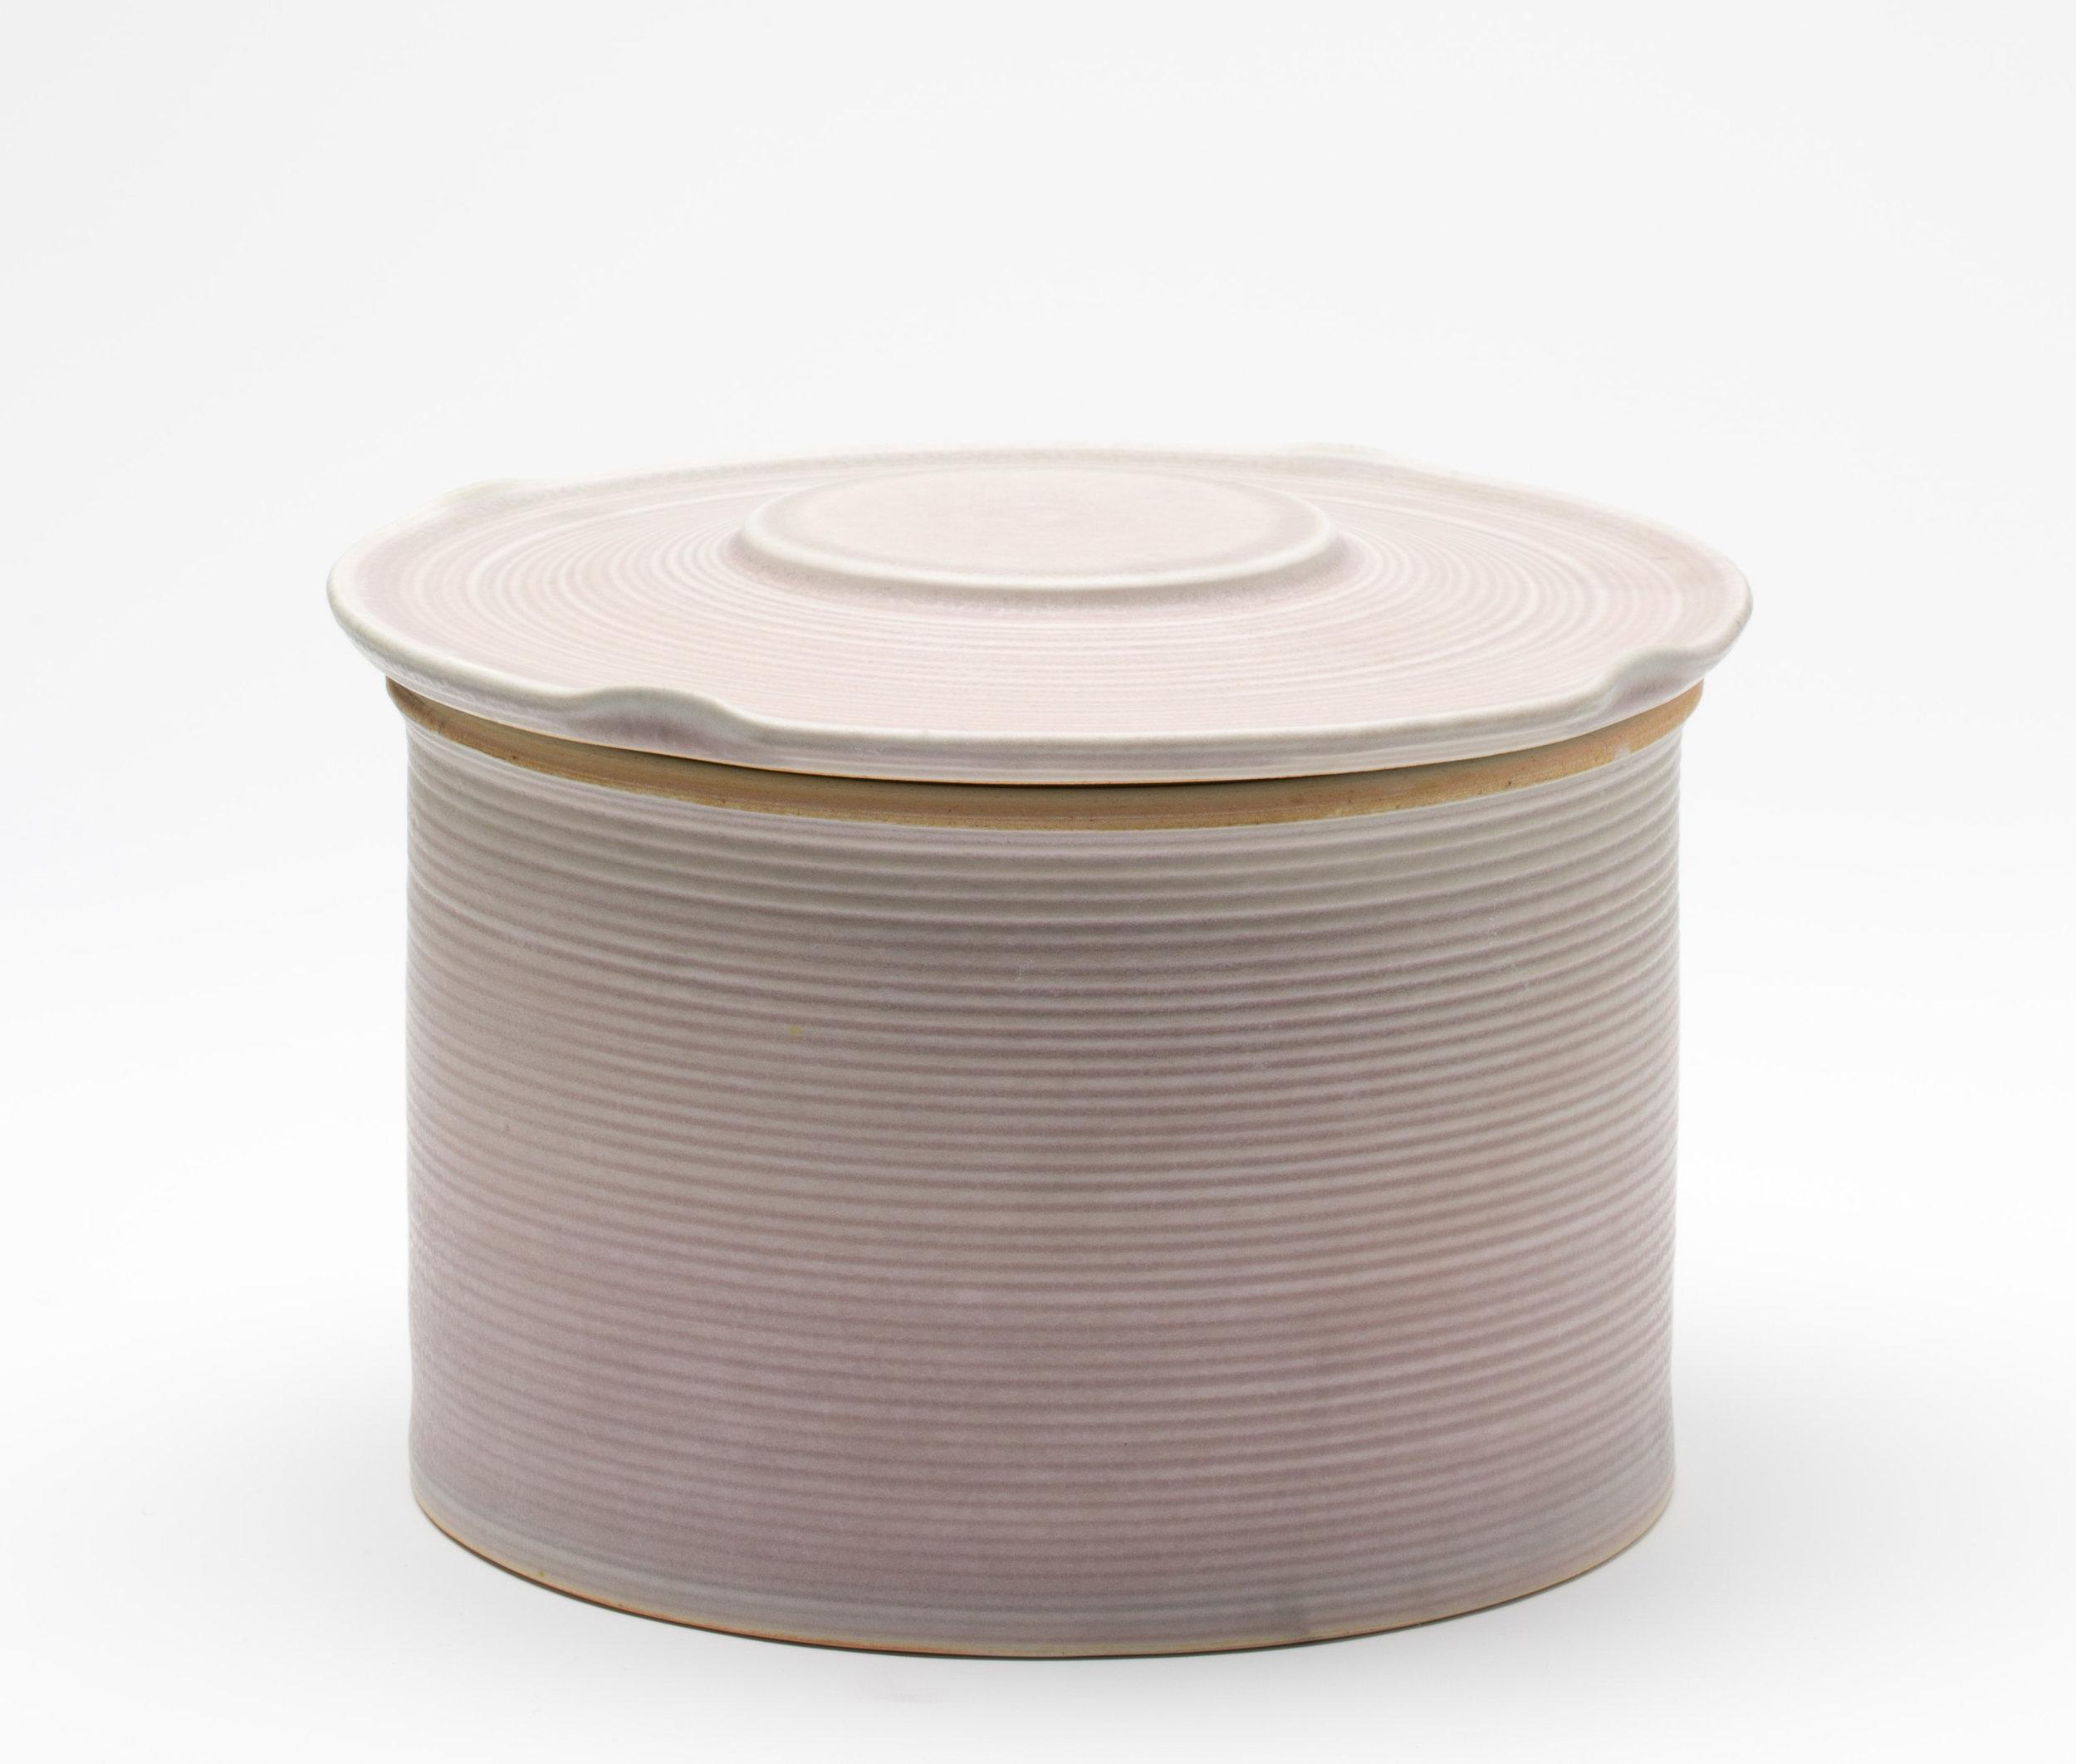 """Jar  Cone 10 Reduction Porcelain  8"""" W x 8"""" H  2016"""